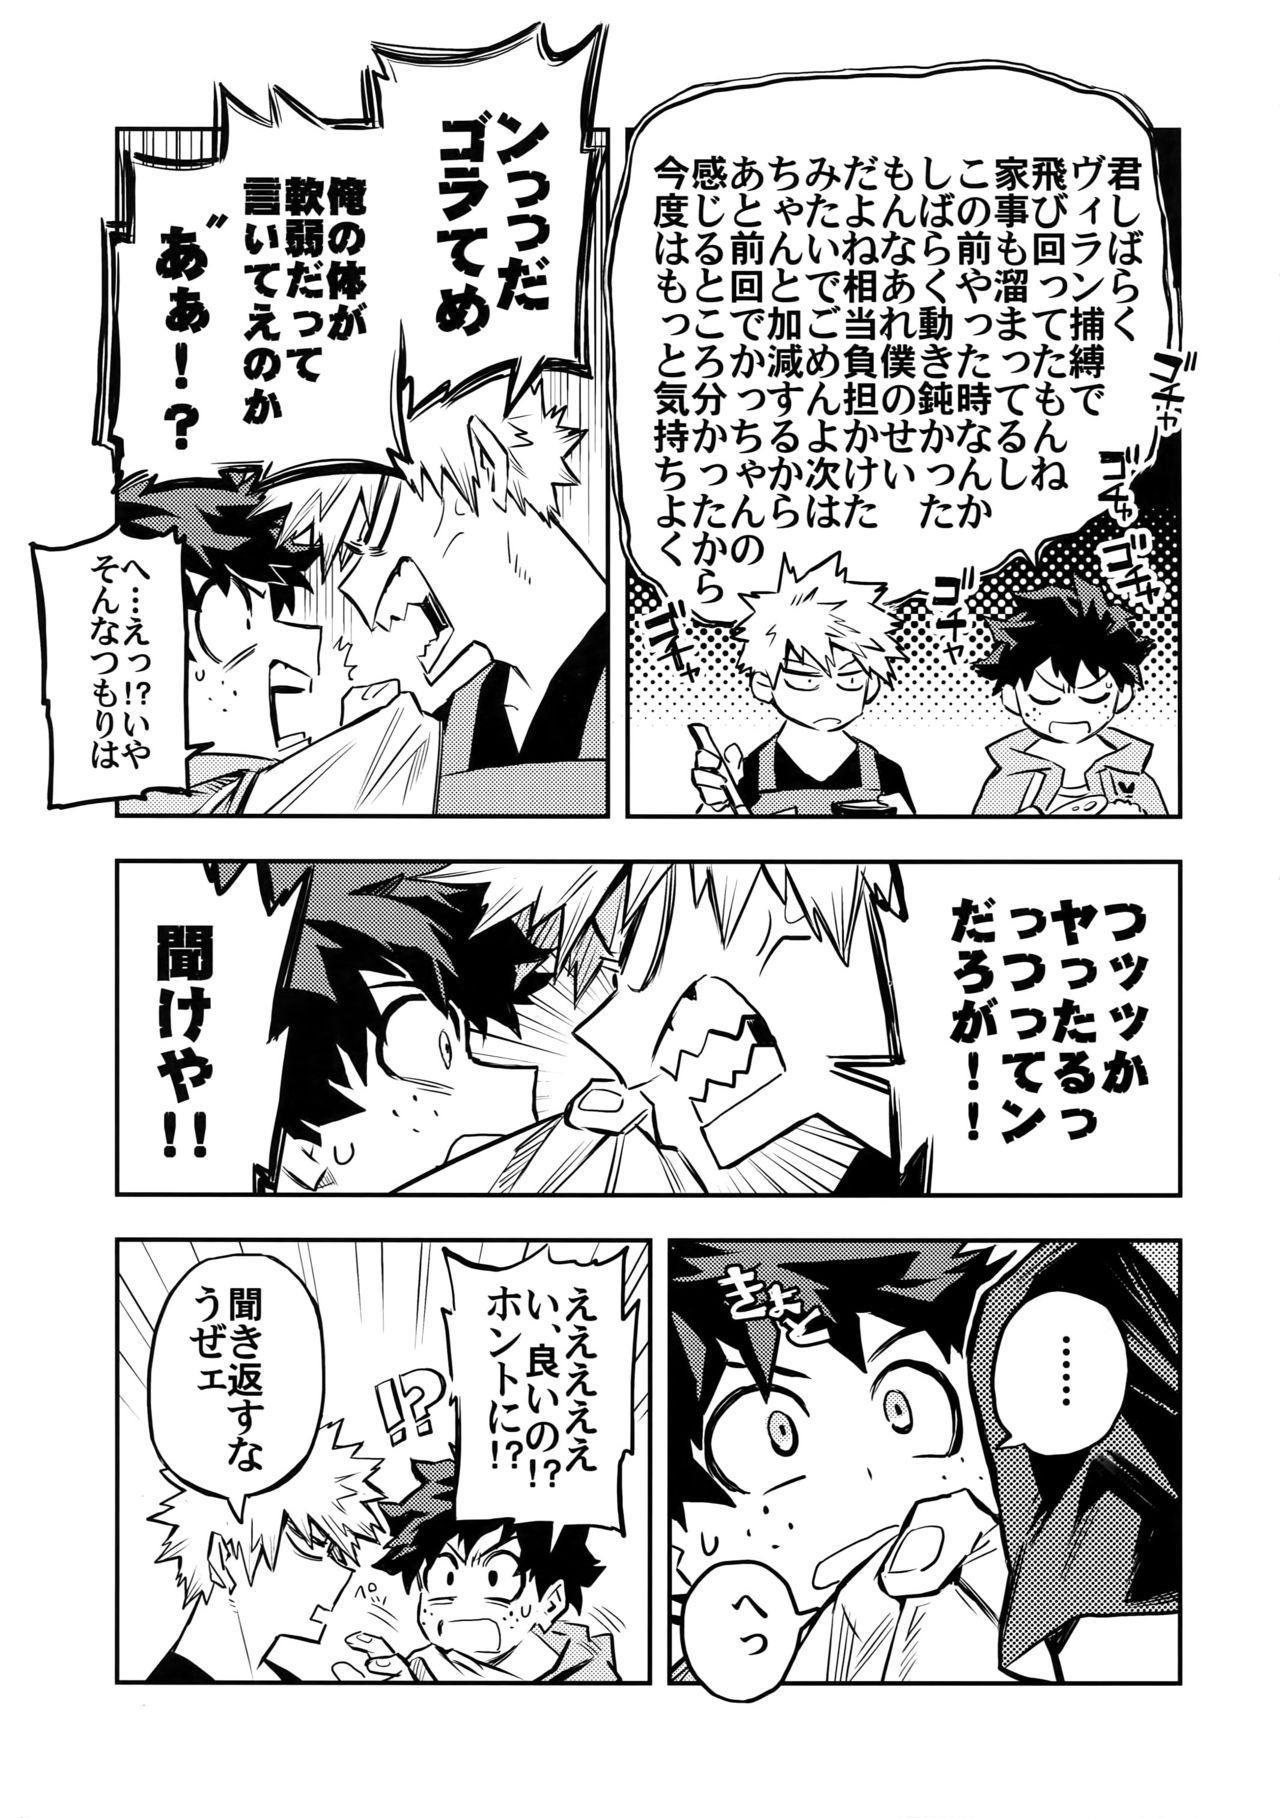 Kazehiki Kacchan to Boku no Koubousen 3